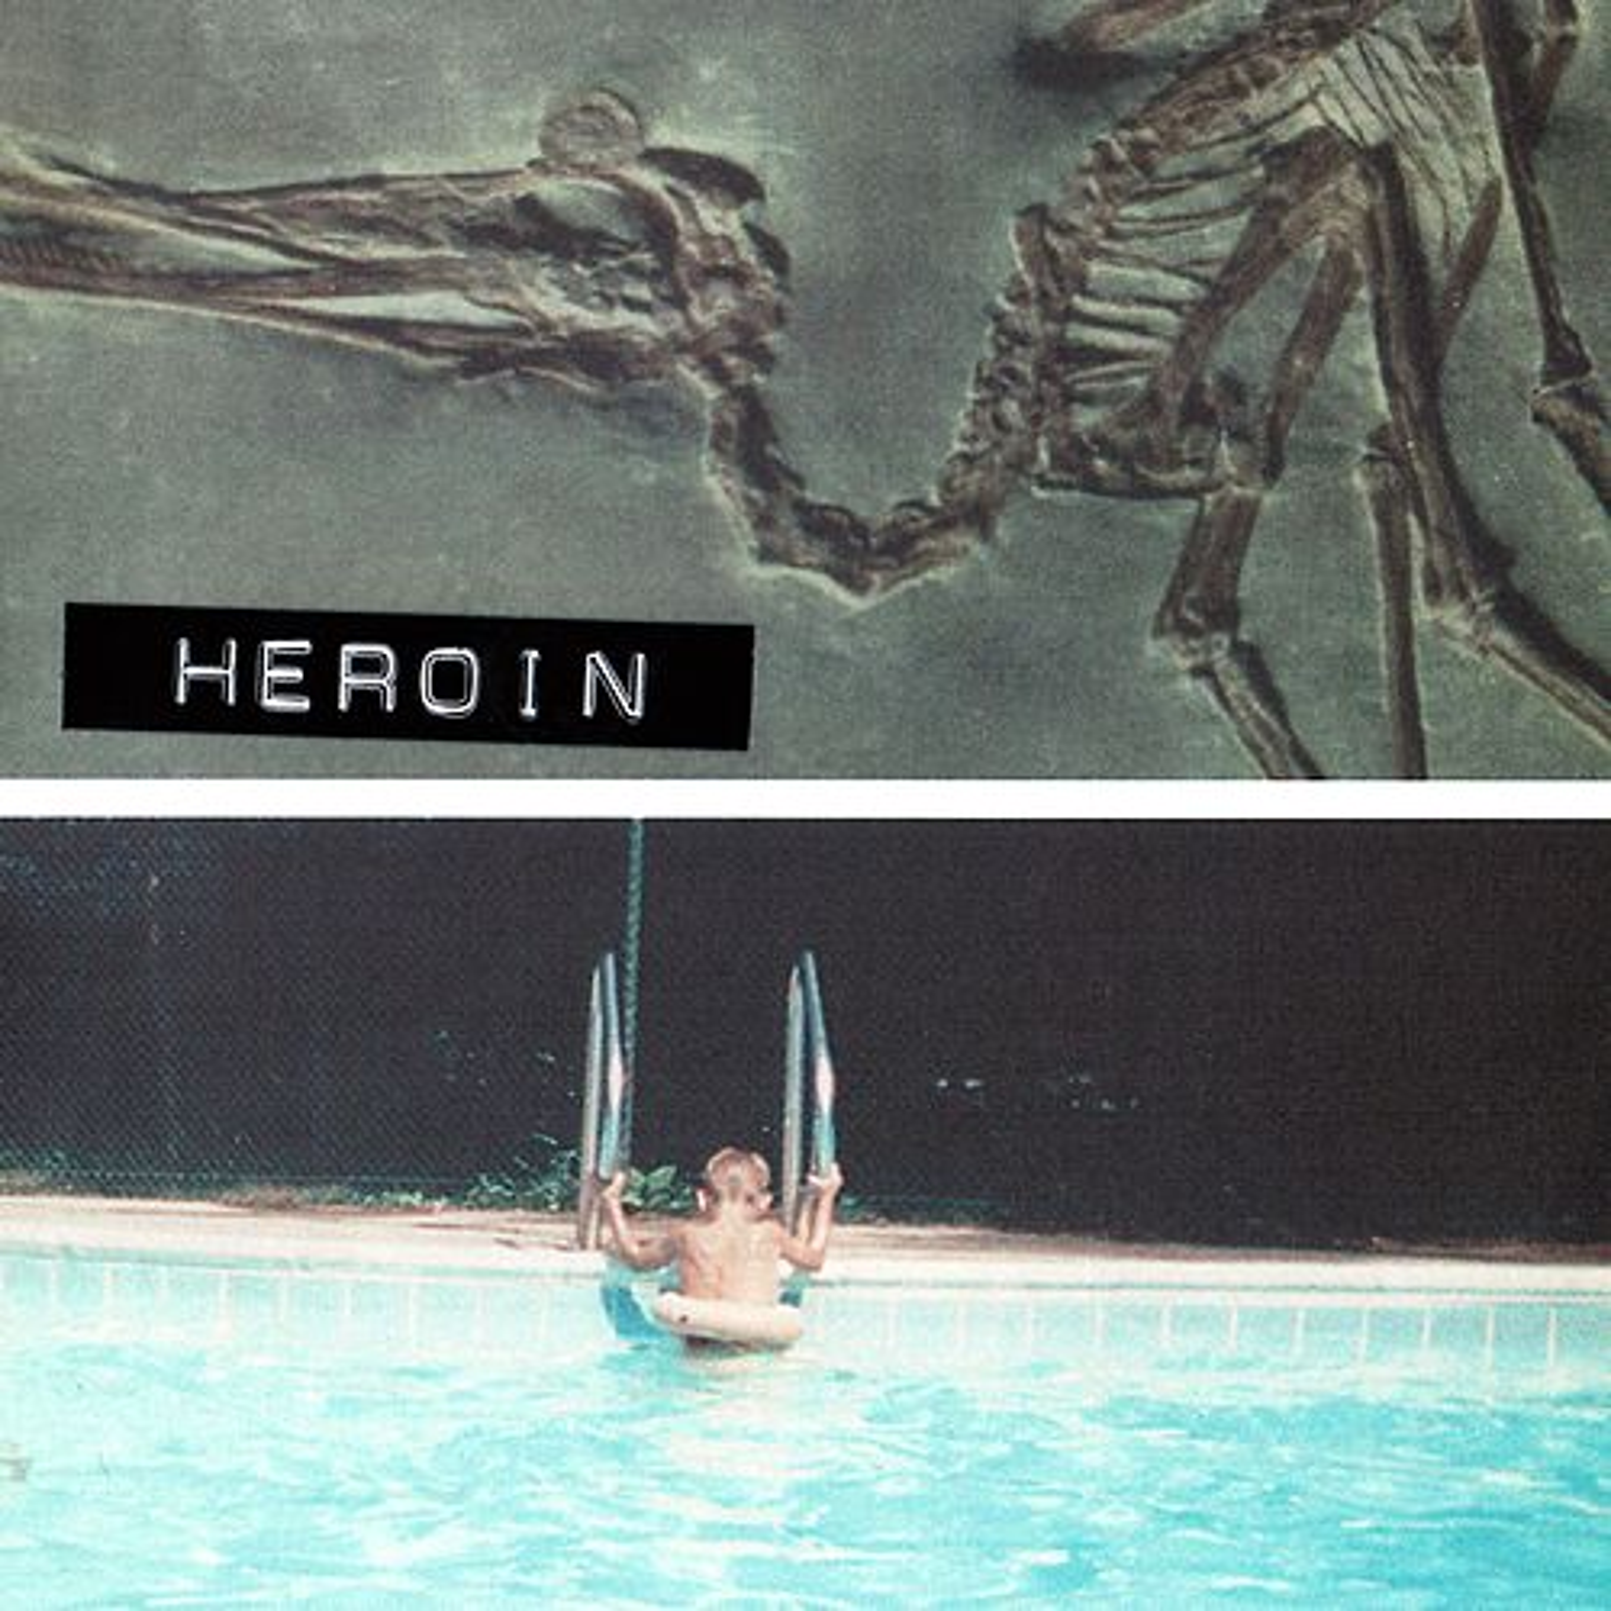 Heroin by Heroin